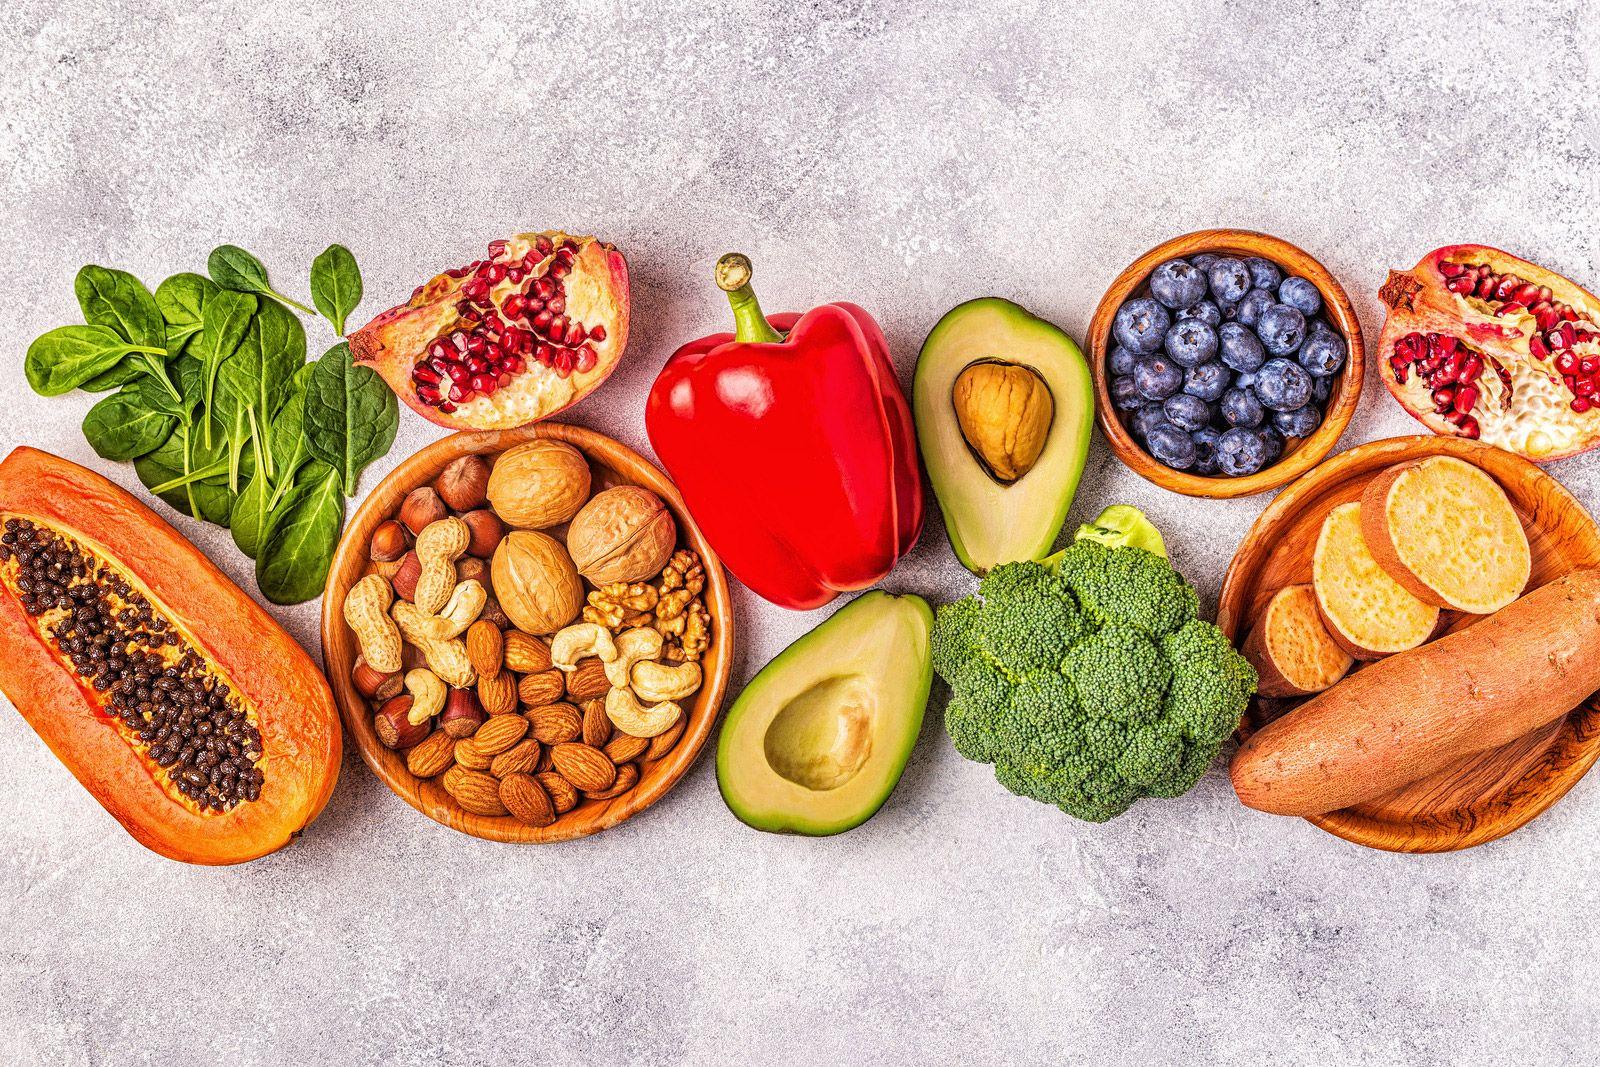 intervallfasten anti aging food - Wochenplan Intervallfasten